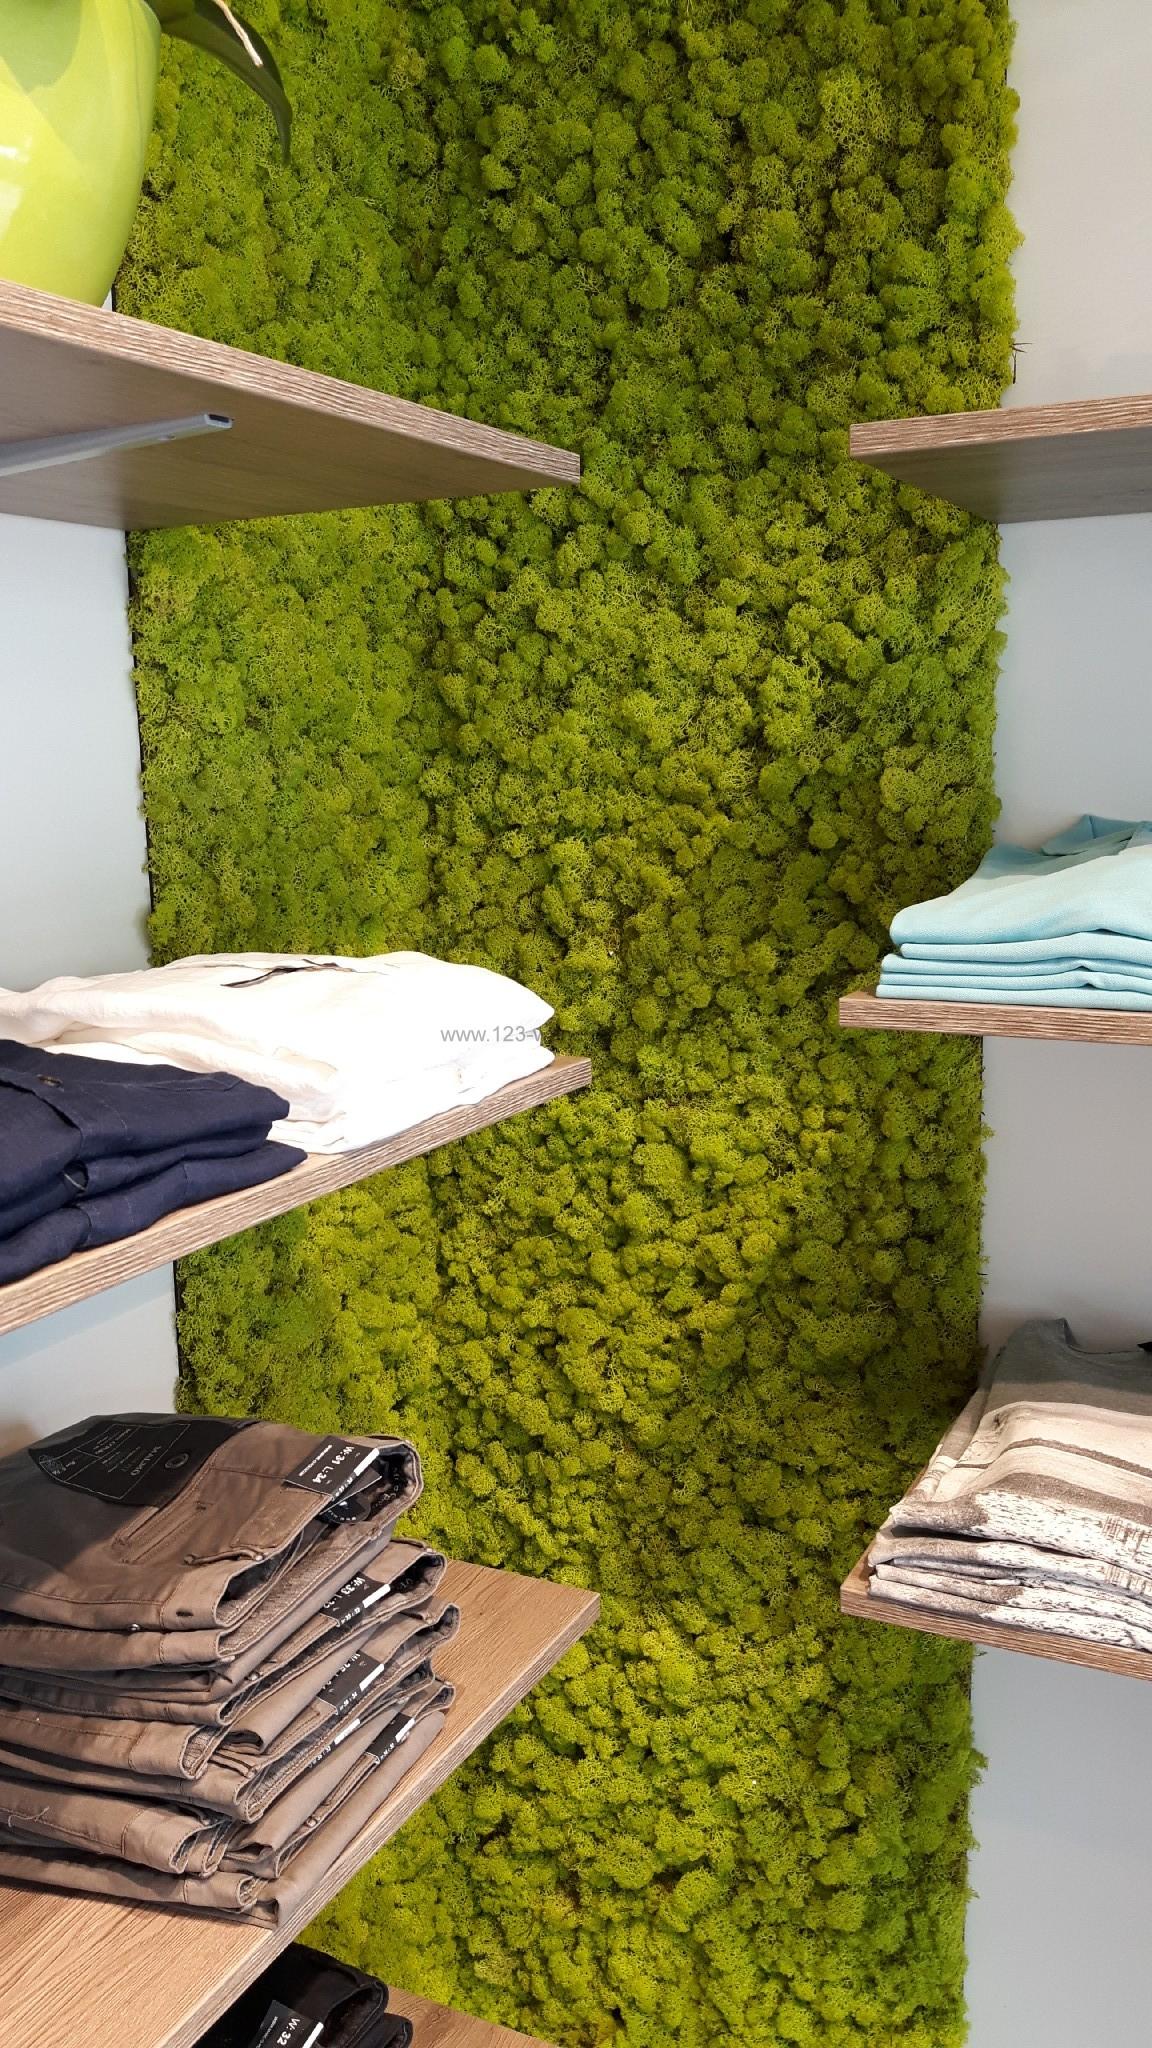 wandgestaltung mit moos archive der partner f r kreative wandgestaltung und fassadenverkleidung. Black Bedroom Furniture Sets. Home Design Ideas